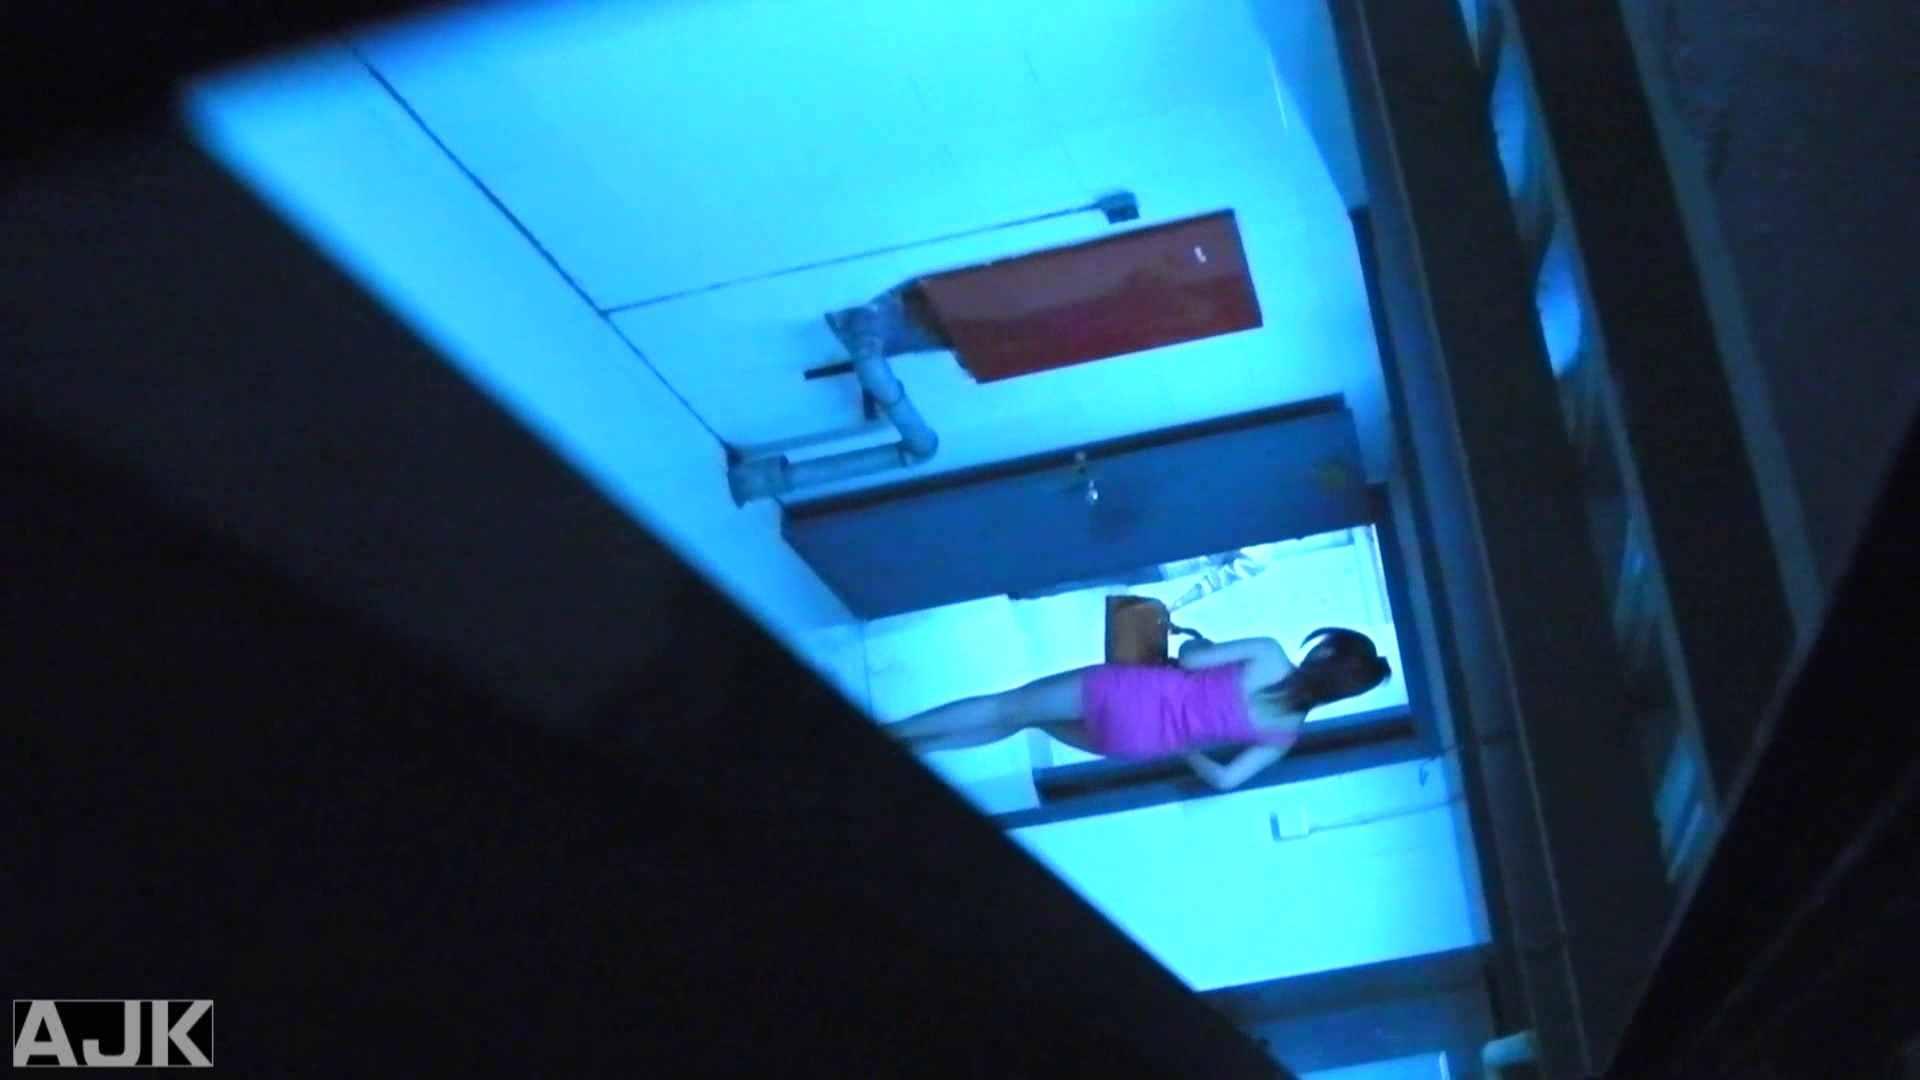 隣国上階級エリアの令嬢たちが集うデパートお手洗い Vol.23 洗面所 エロ画像 97画像 13